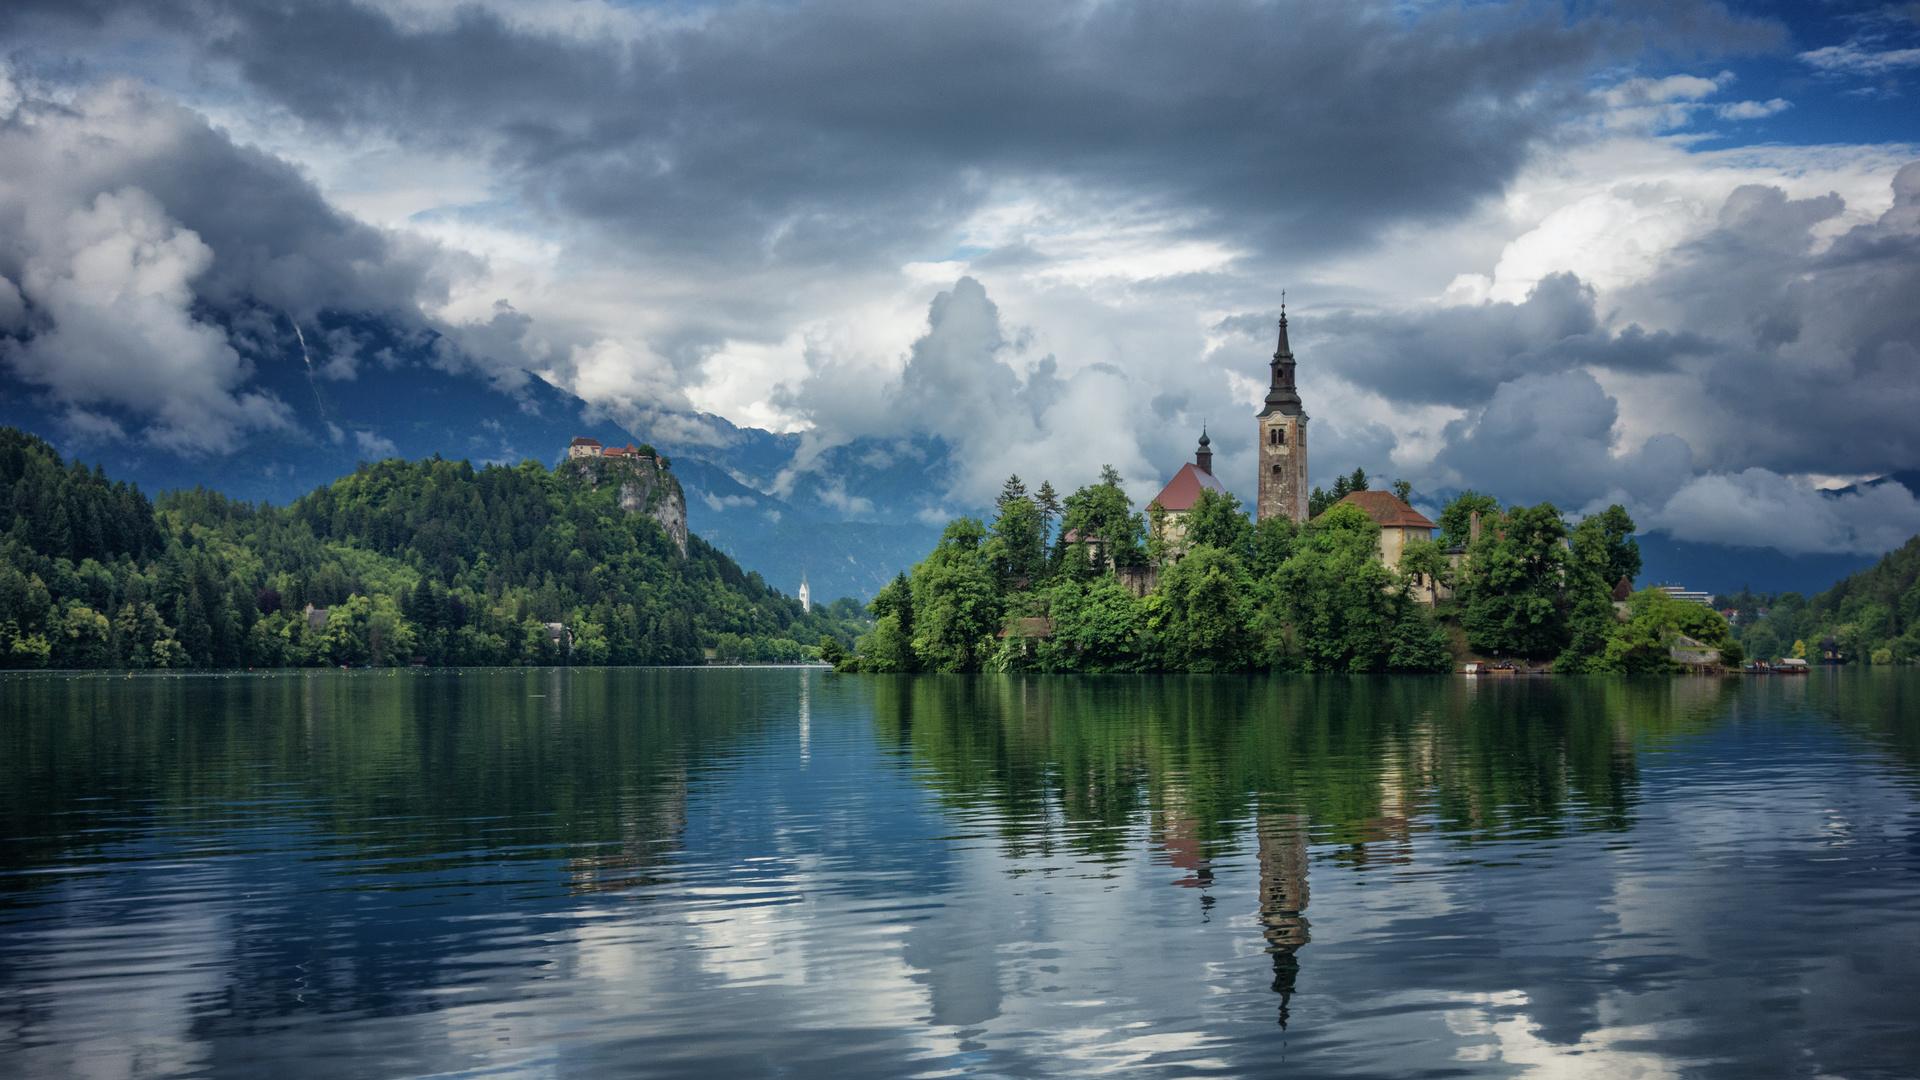 природа, пейзаж, словения, горы, озеро, блед, небо, облака, отражение